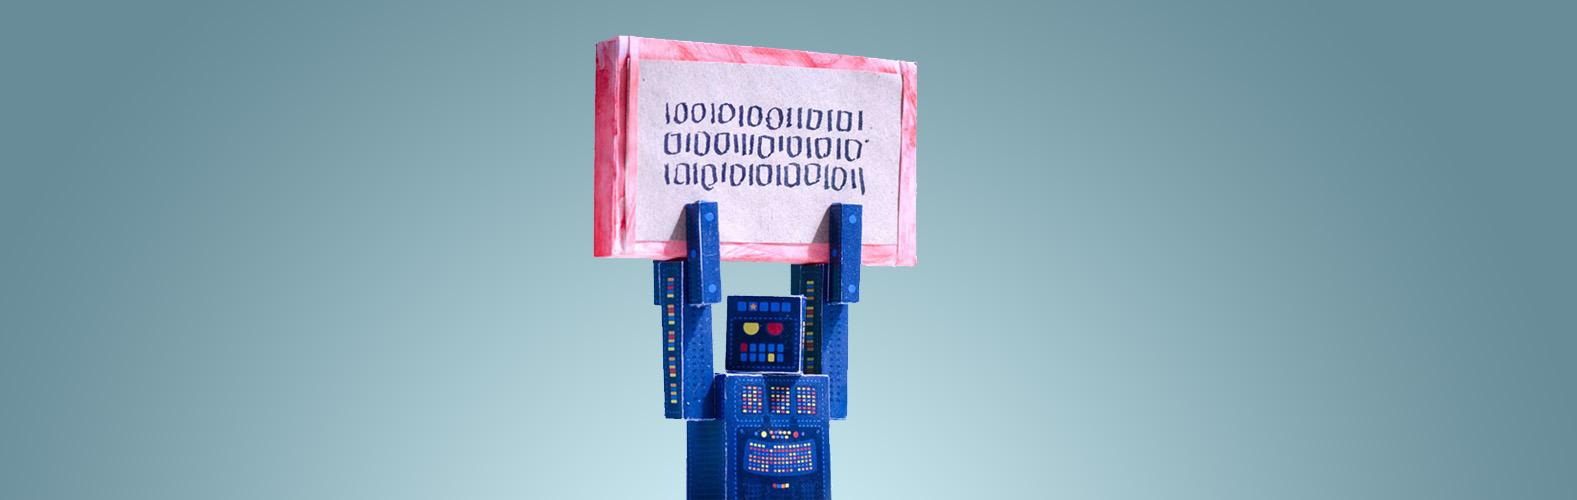 Processus automatisés